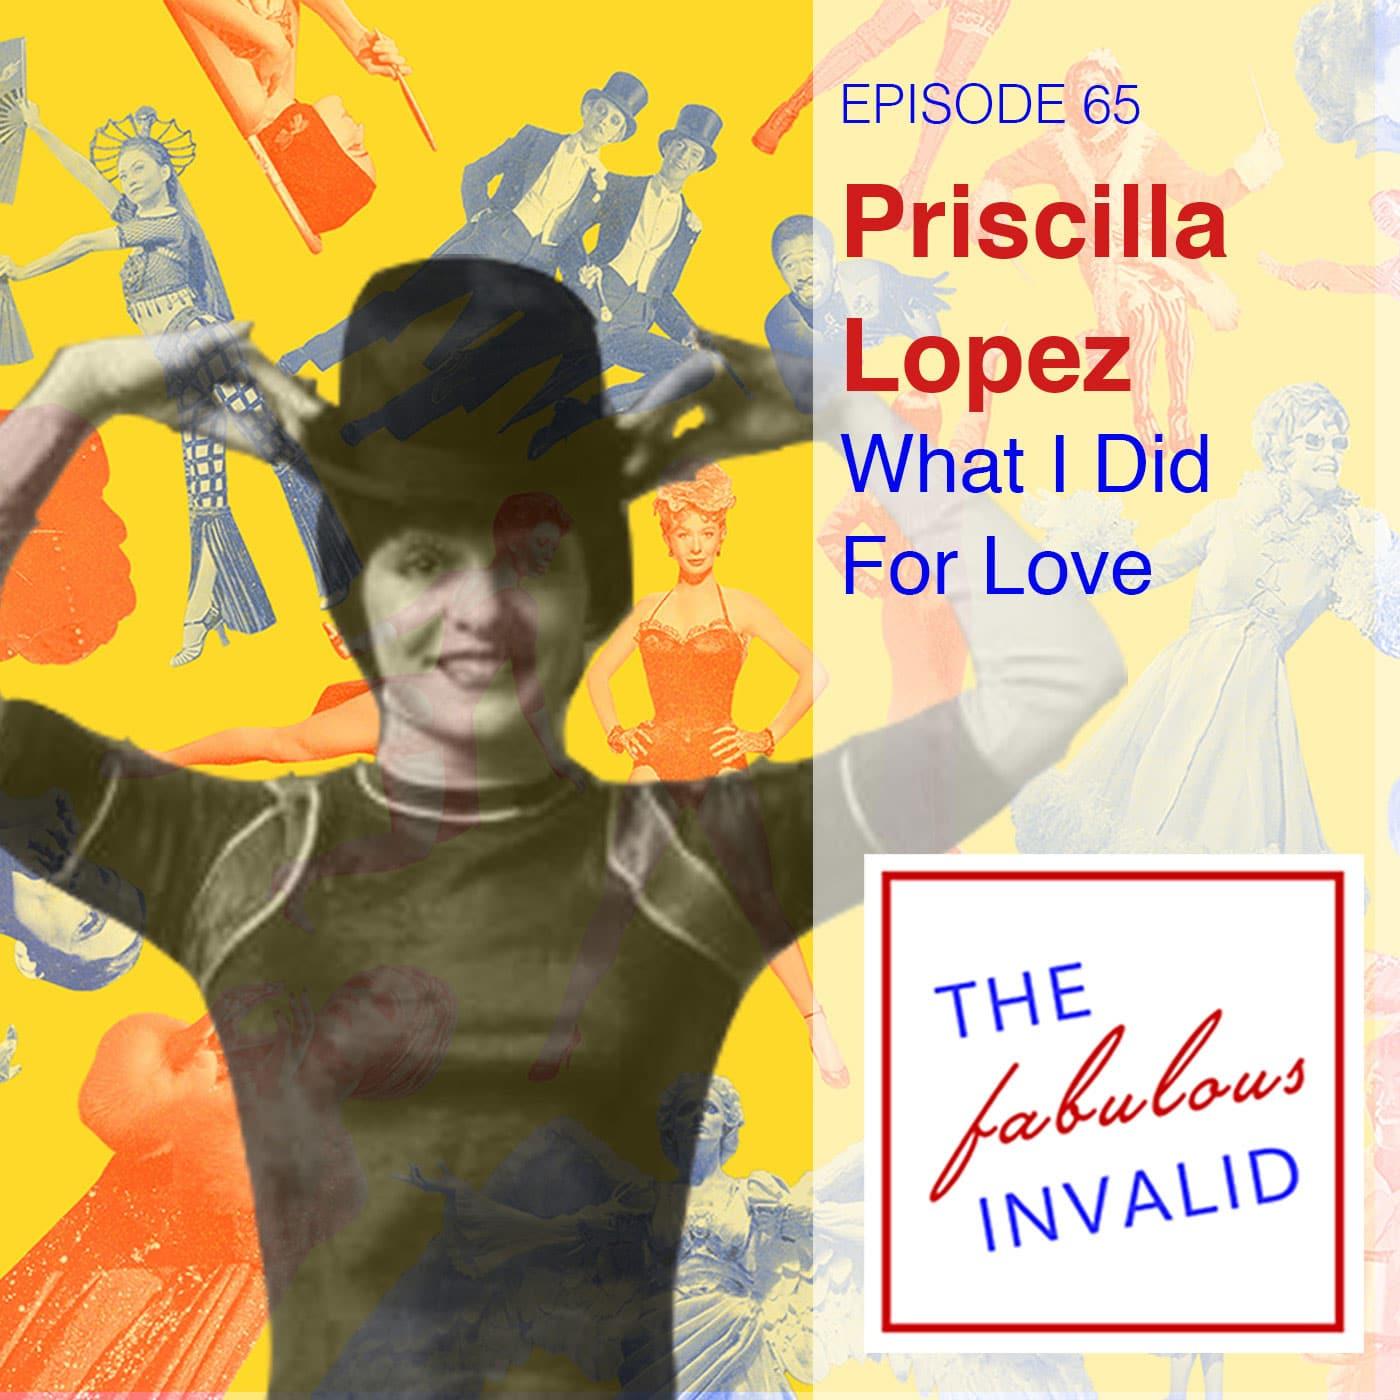 The Fabulous Invalid Episode 65 Priscilla Lopez